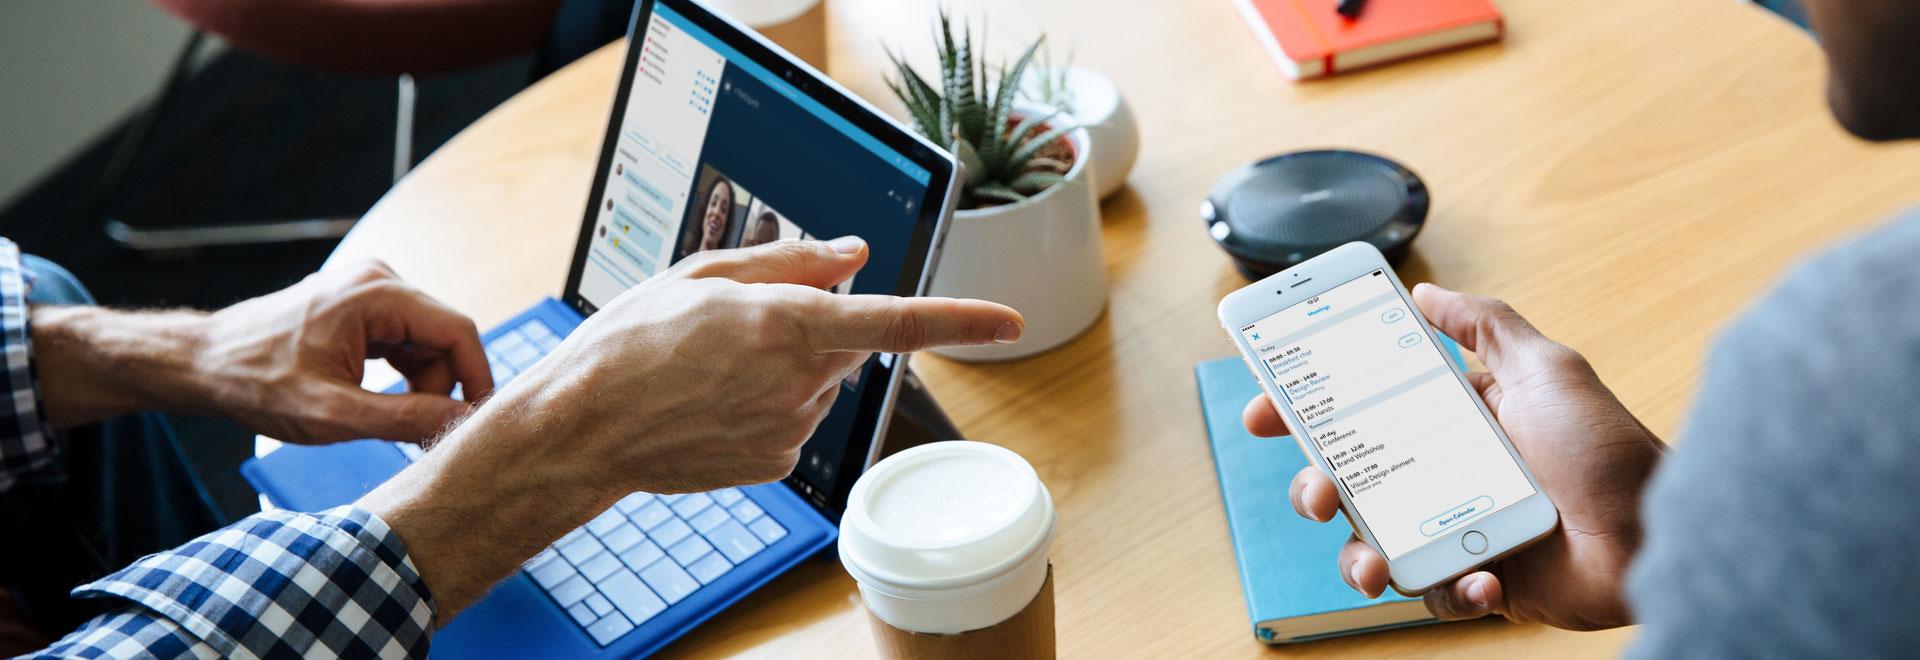 Duas pessoas numa secretária, uma com um telemóvel e outra com um portátil a utilizar o Skype para Empresas